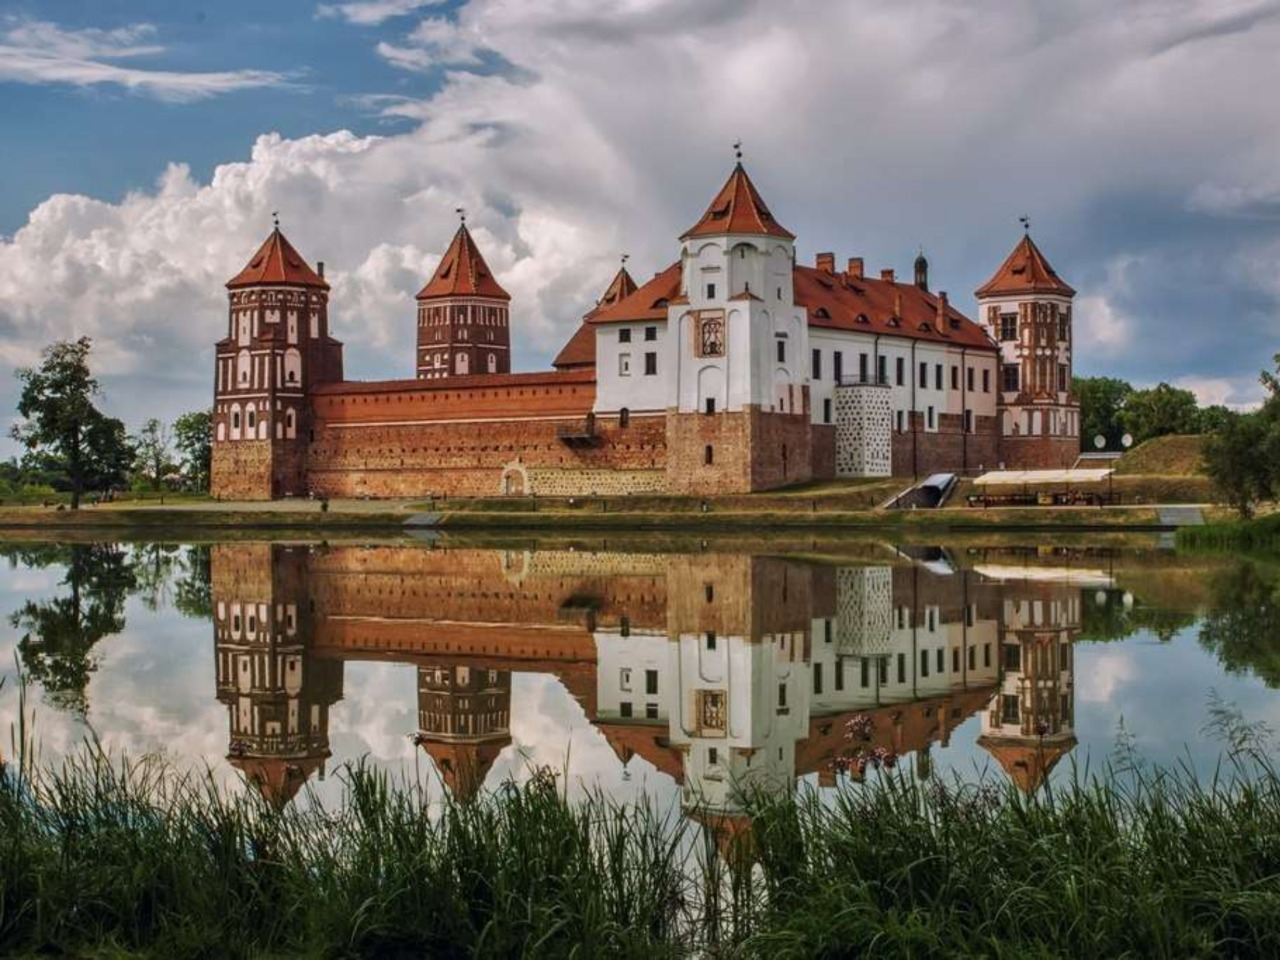 Замки Беларуси: Мирский и Несвижский - индивидуальная экскурсия в Минске от опытного гида